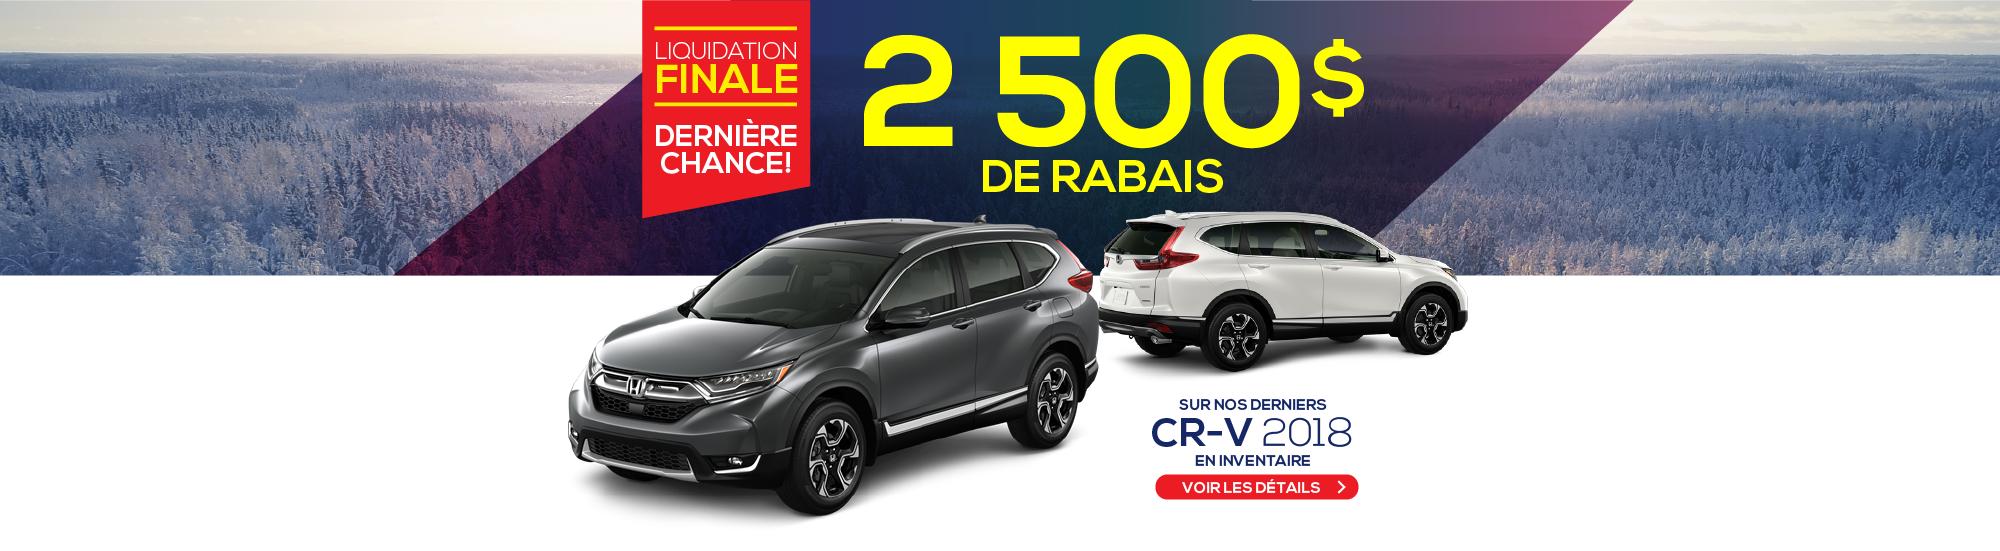 2500$ DE RABAIS - CR-V 2018